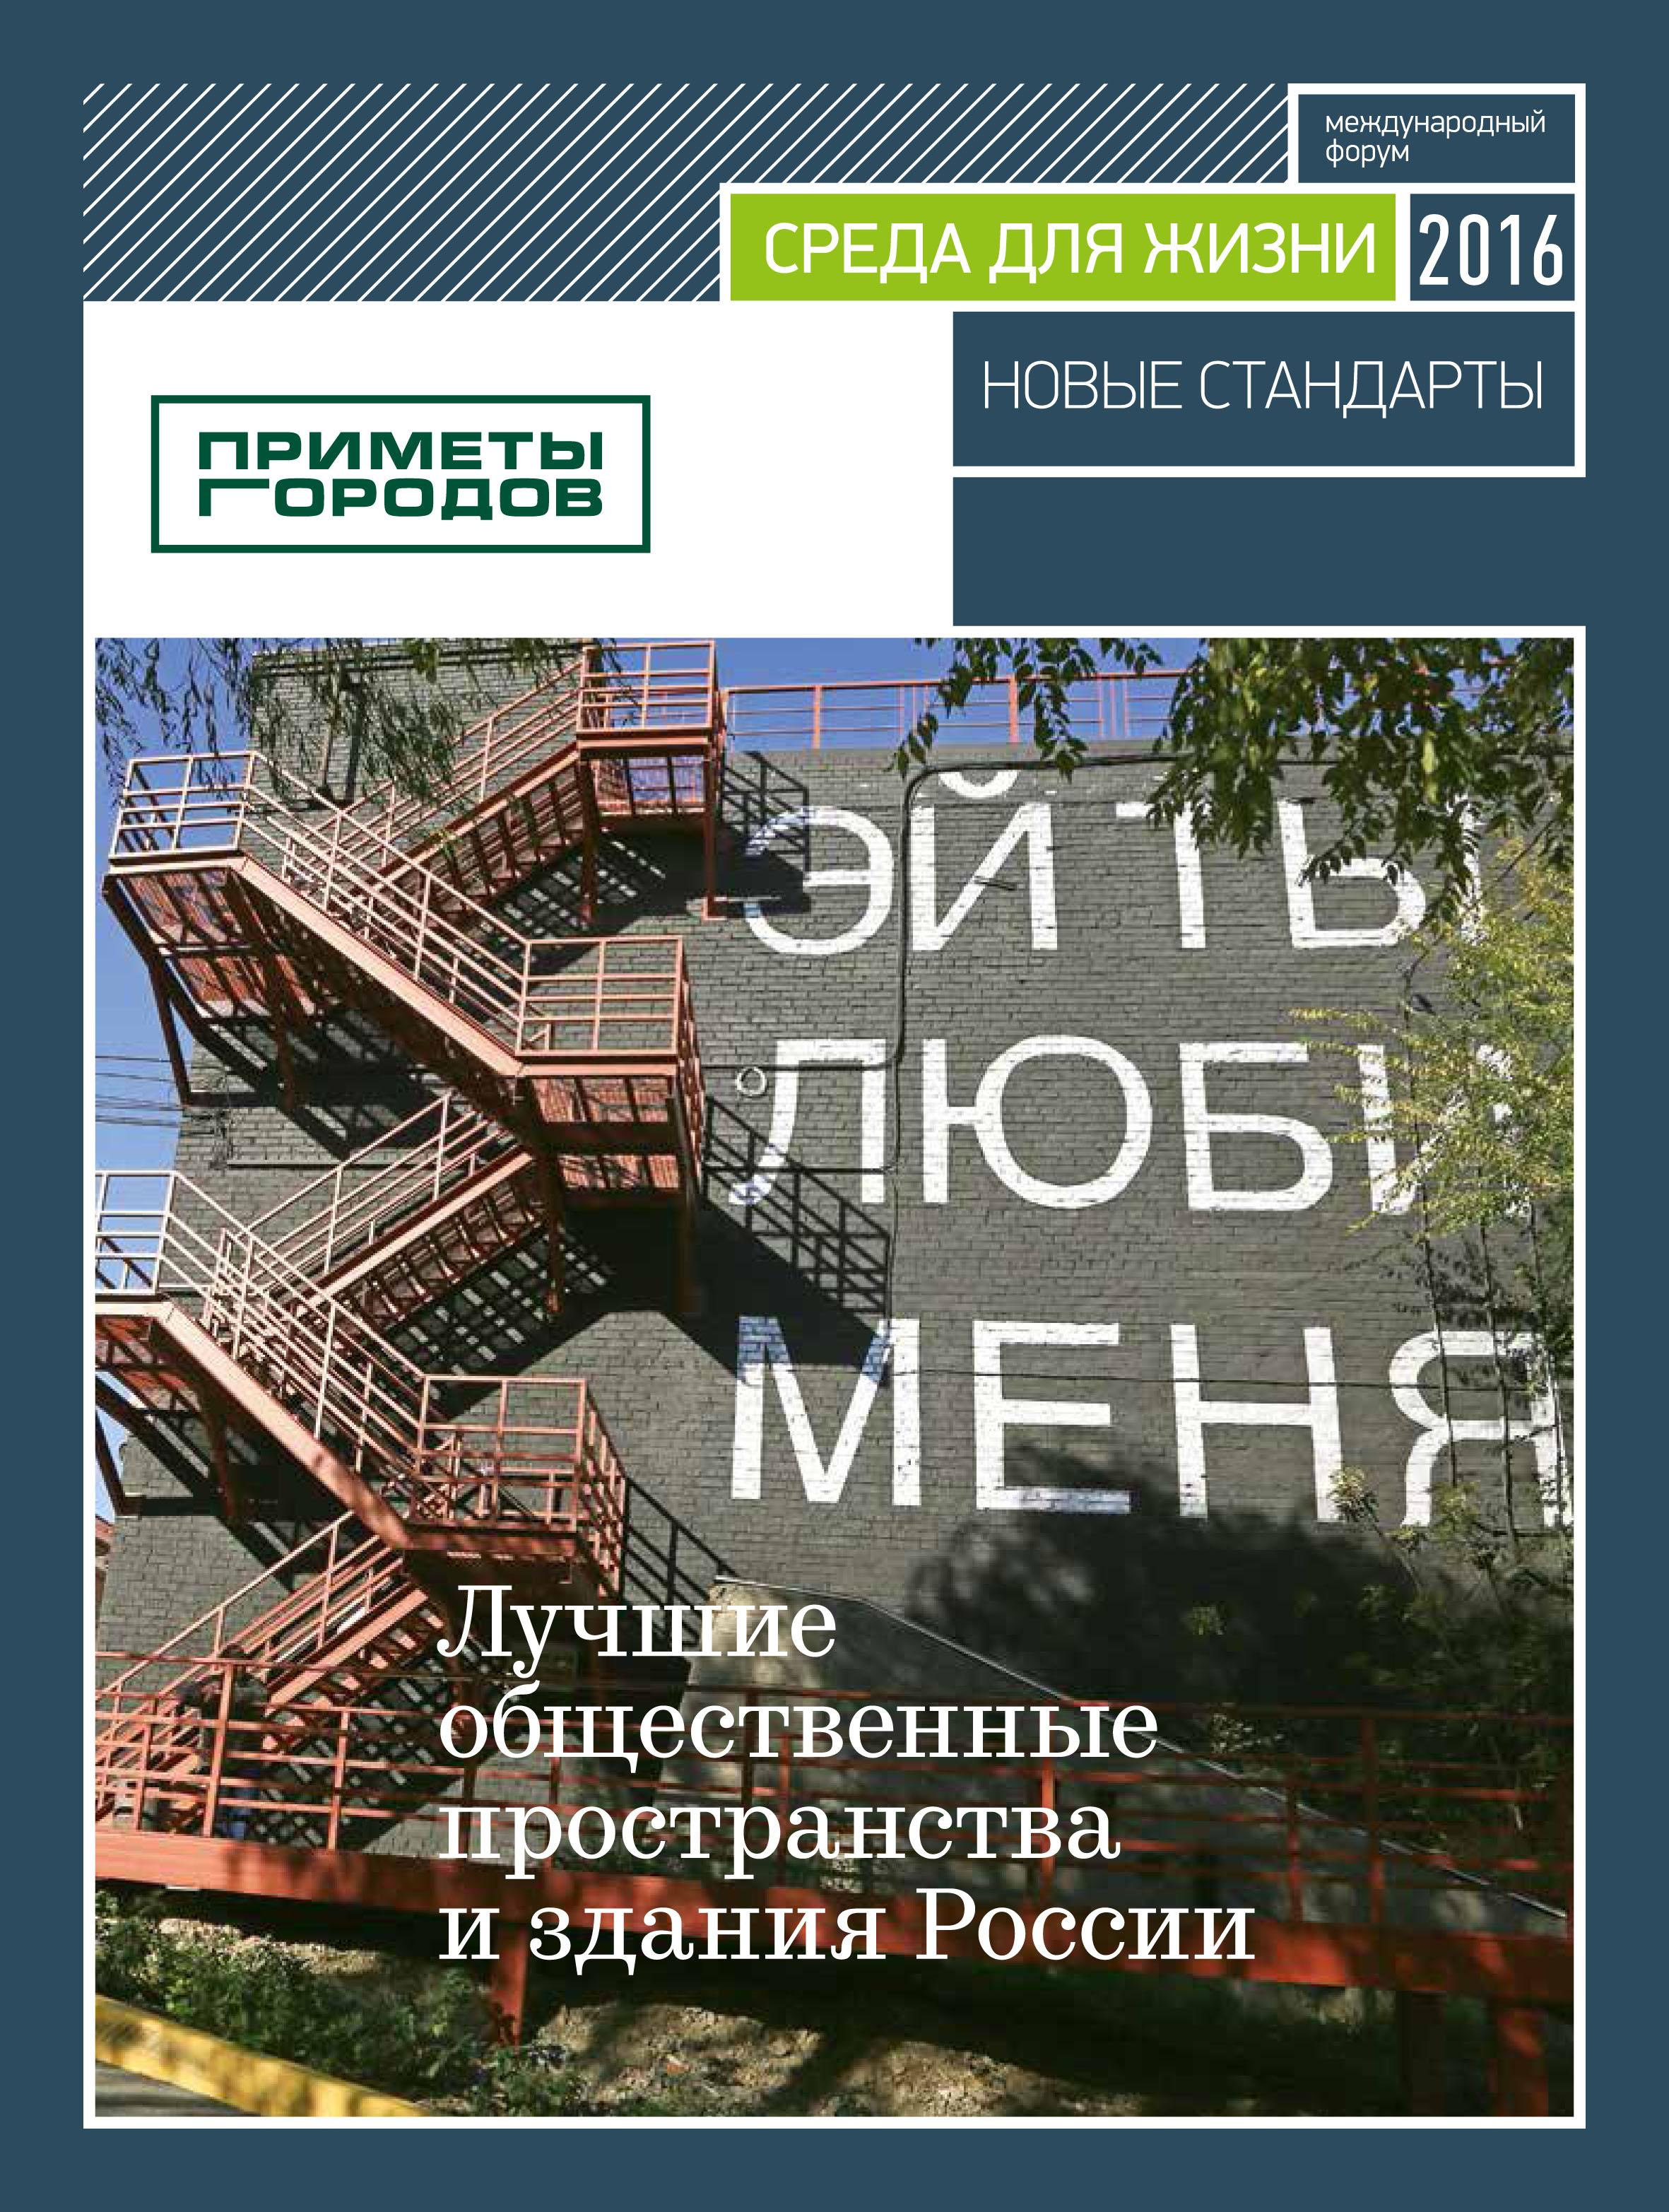 ПриметыГородов_Казань2016_buk_PREV-1